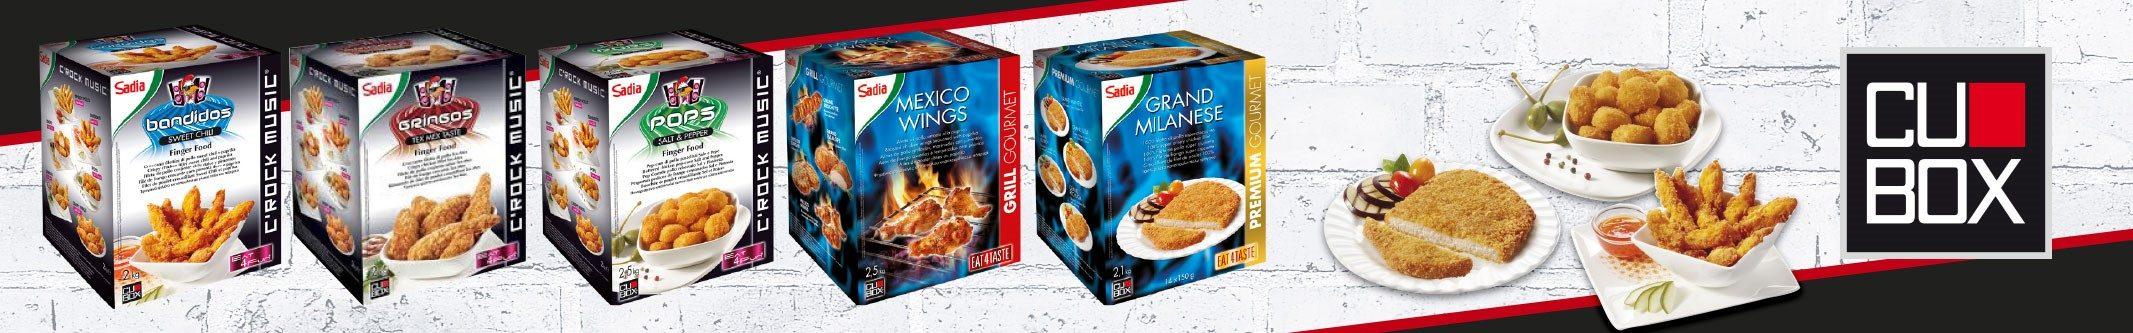 Sadia CUBOX elaborados pollo